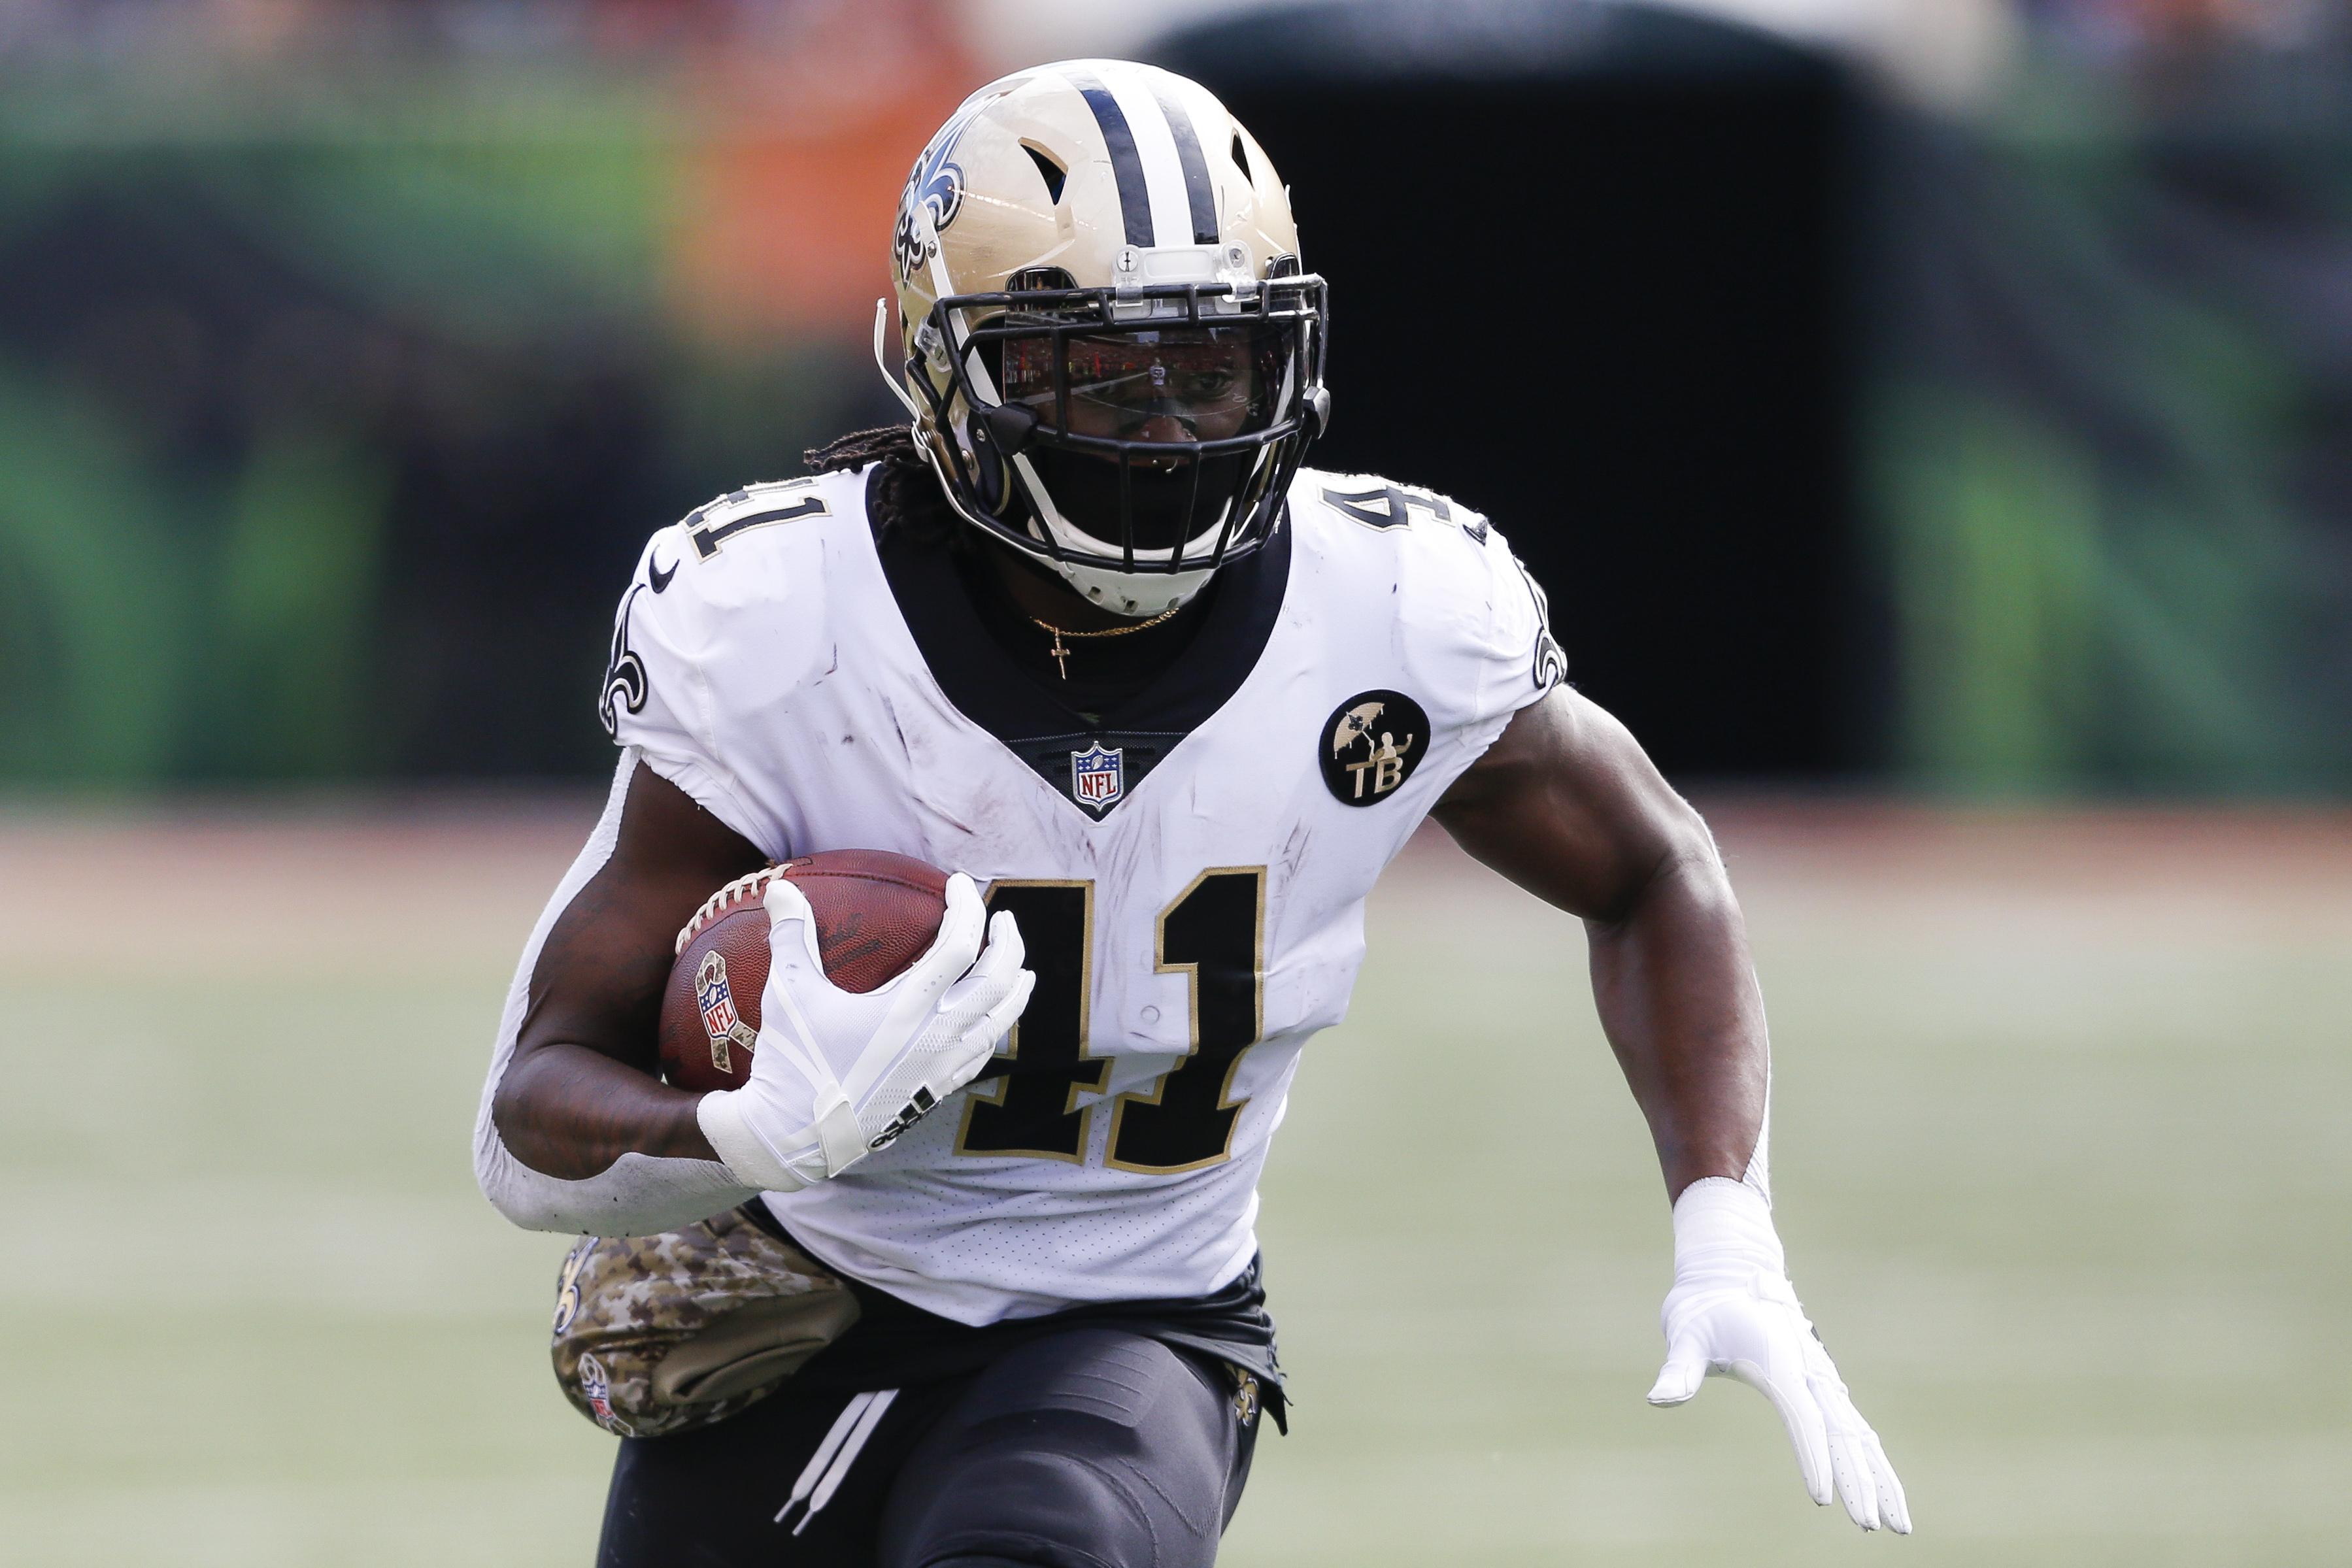 Alvin Kamara has run for 11 touchdowns this season.